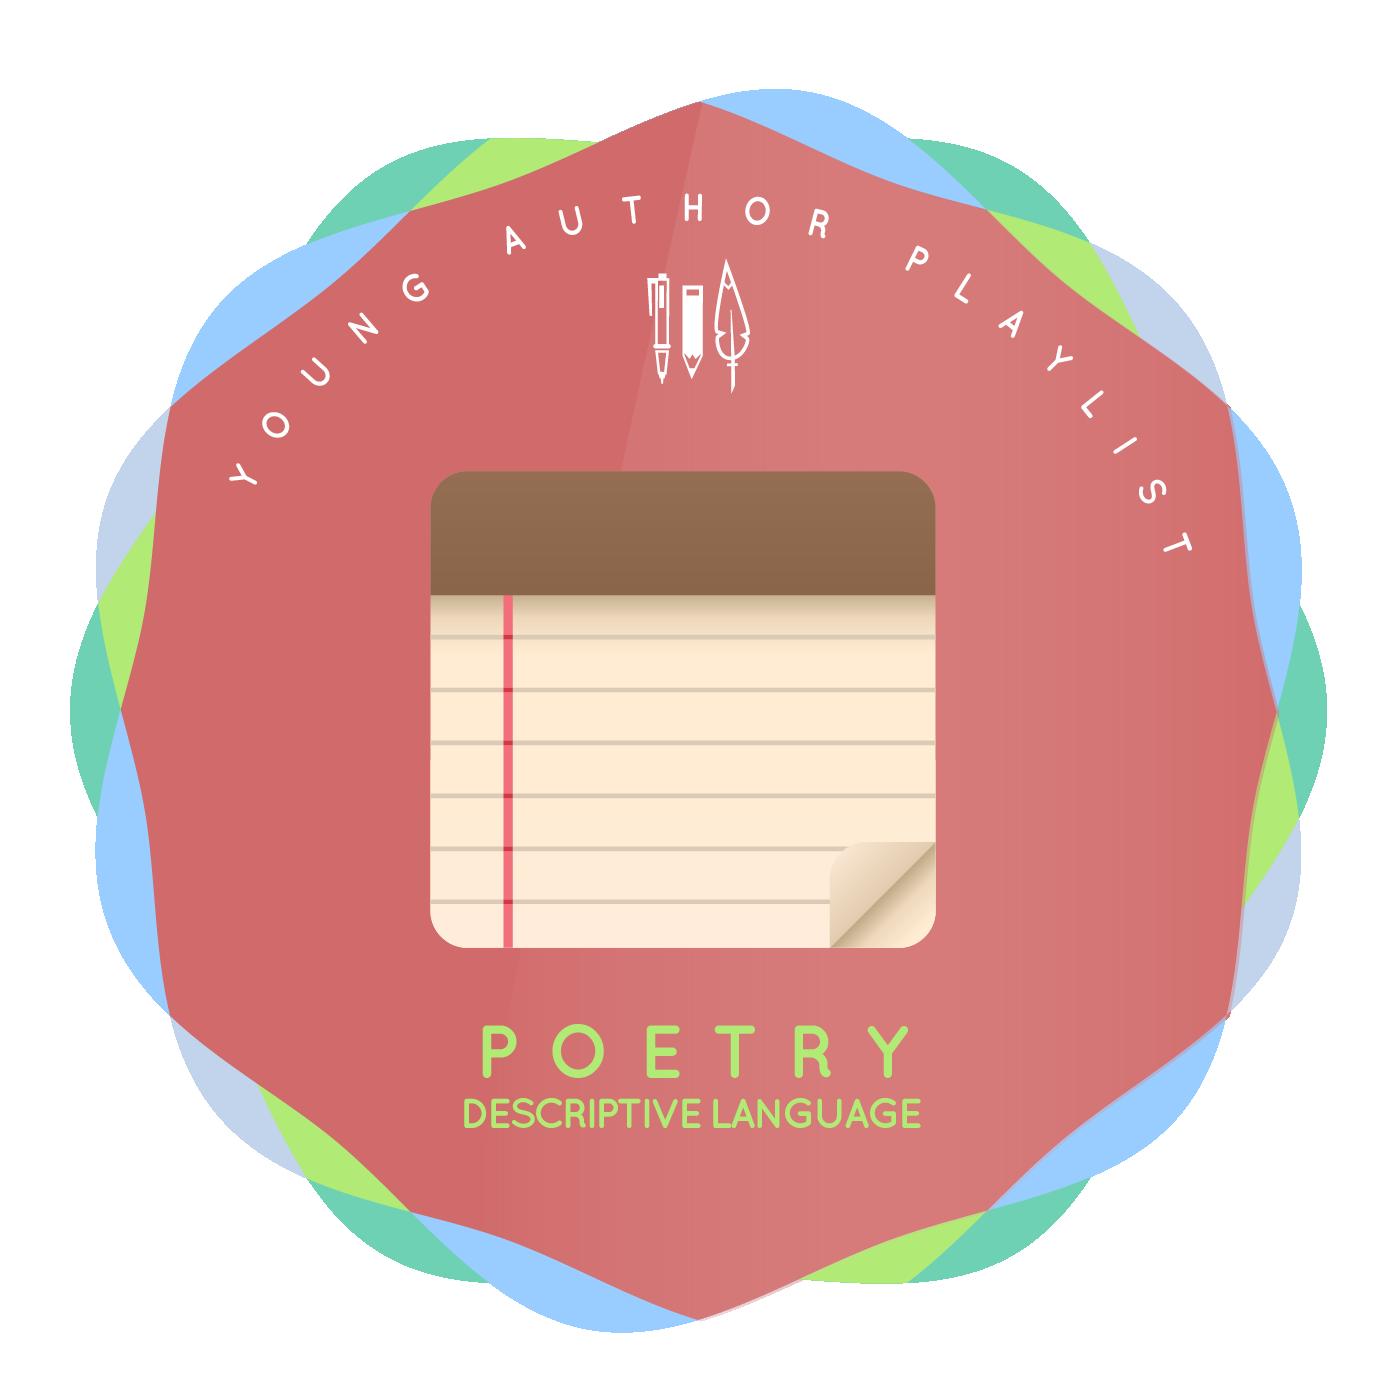 YAP Descriptive Language: Poetry